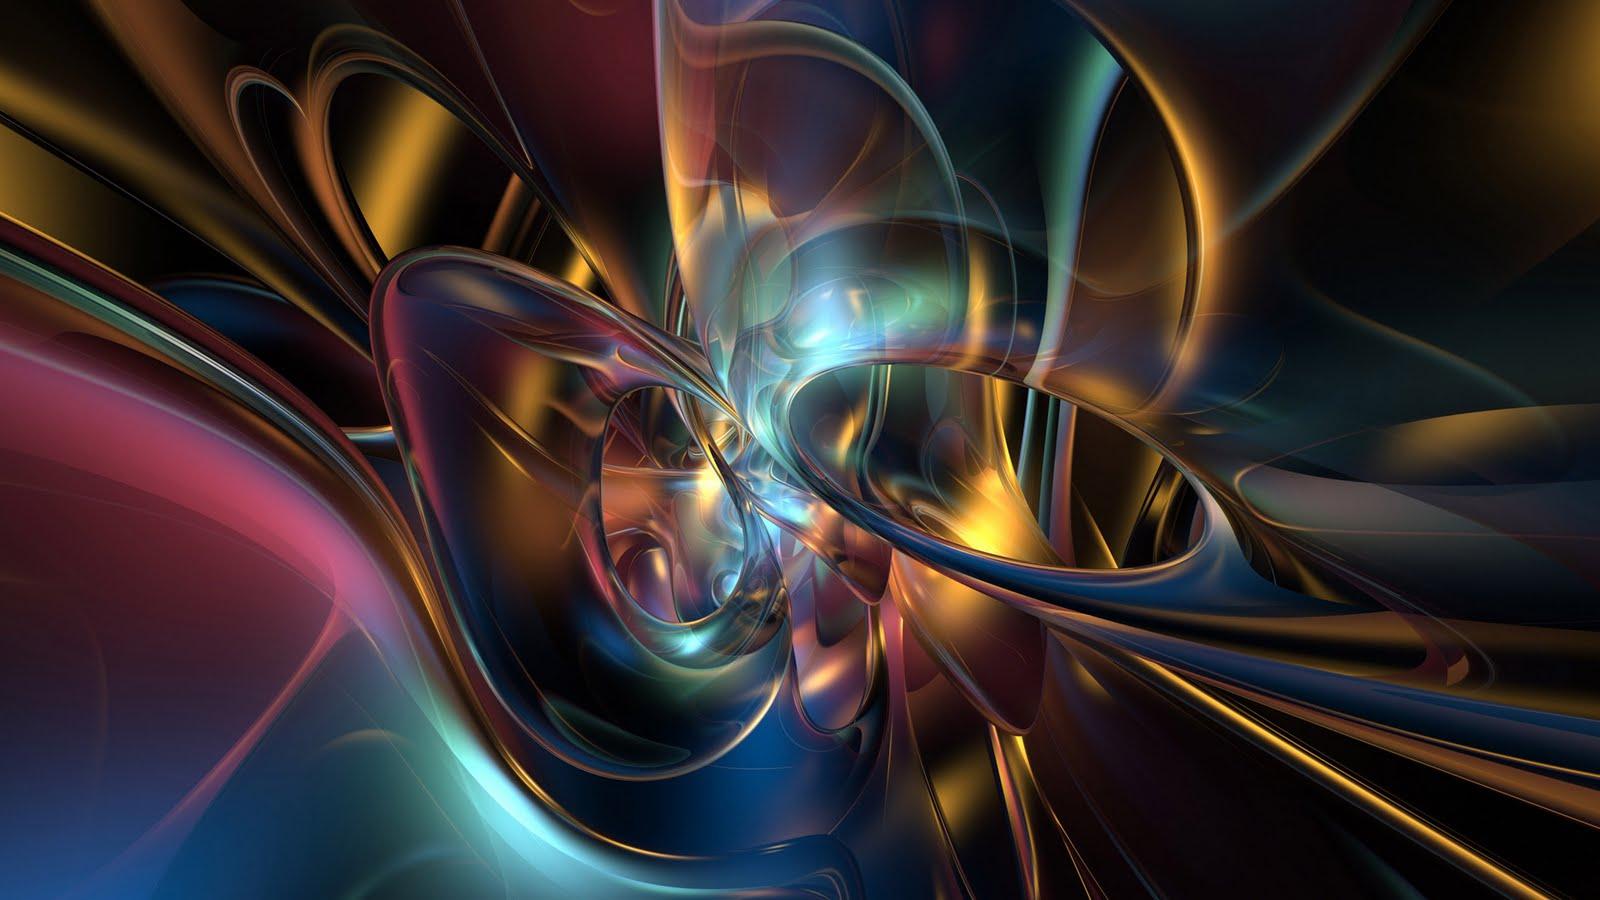 http://3.bp.blogspot.com/-Bu6t_ubgEqk/TlsSF8p_yBI/AAAAAAAAAB4/u6fj8kAPHRk/s1600/abstract_design_1080p-HD.jpg